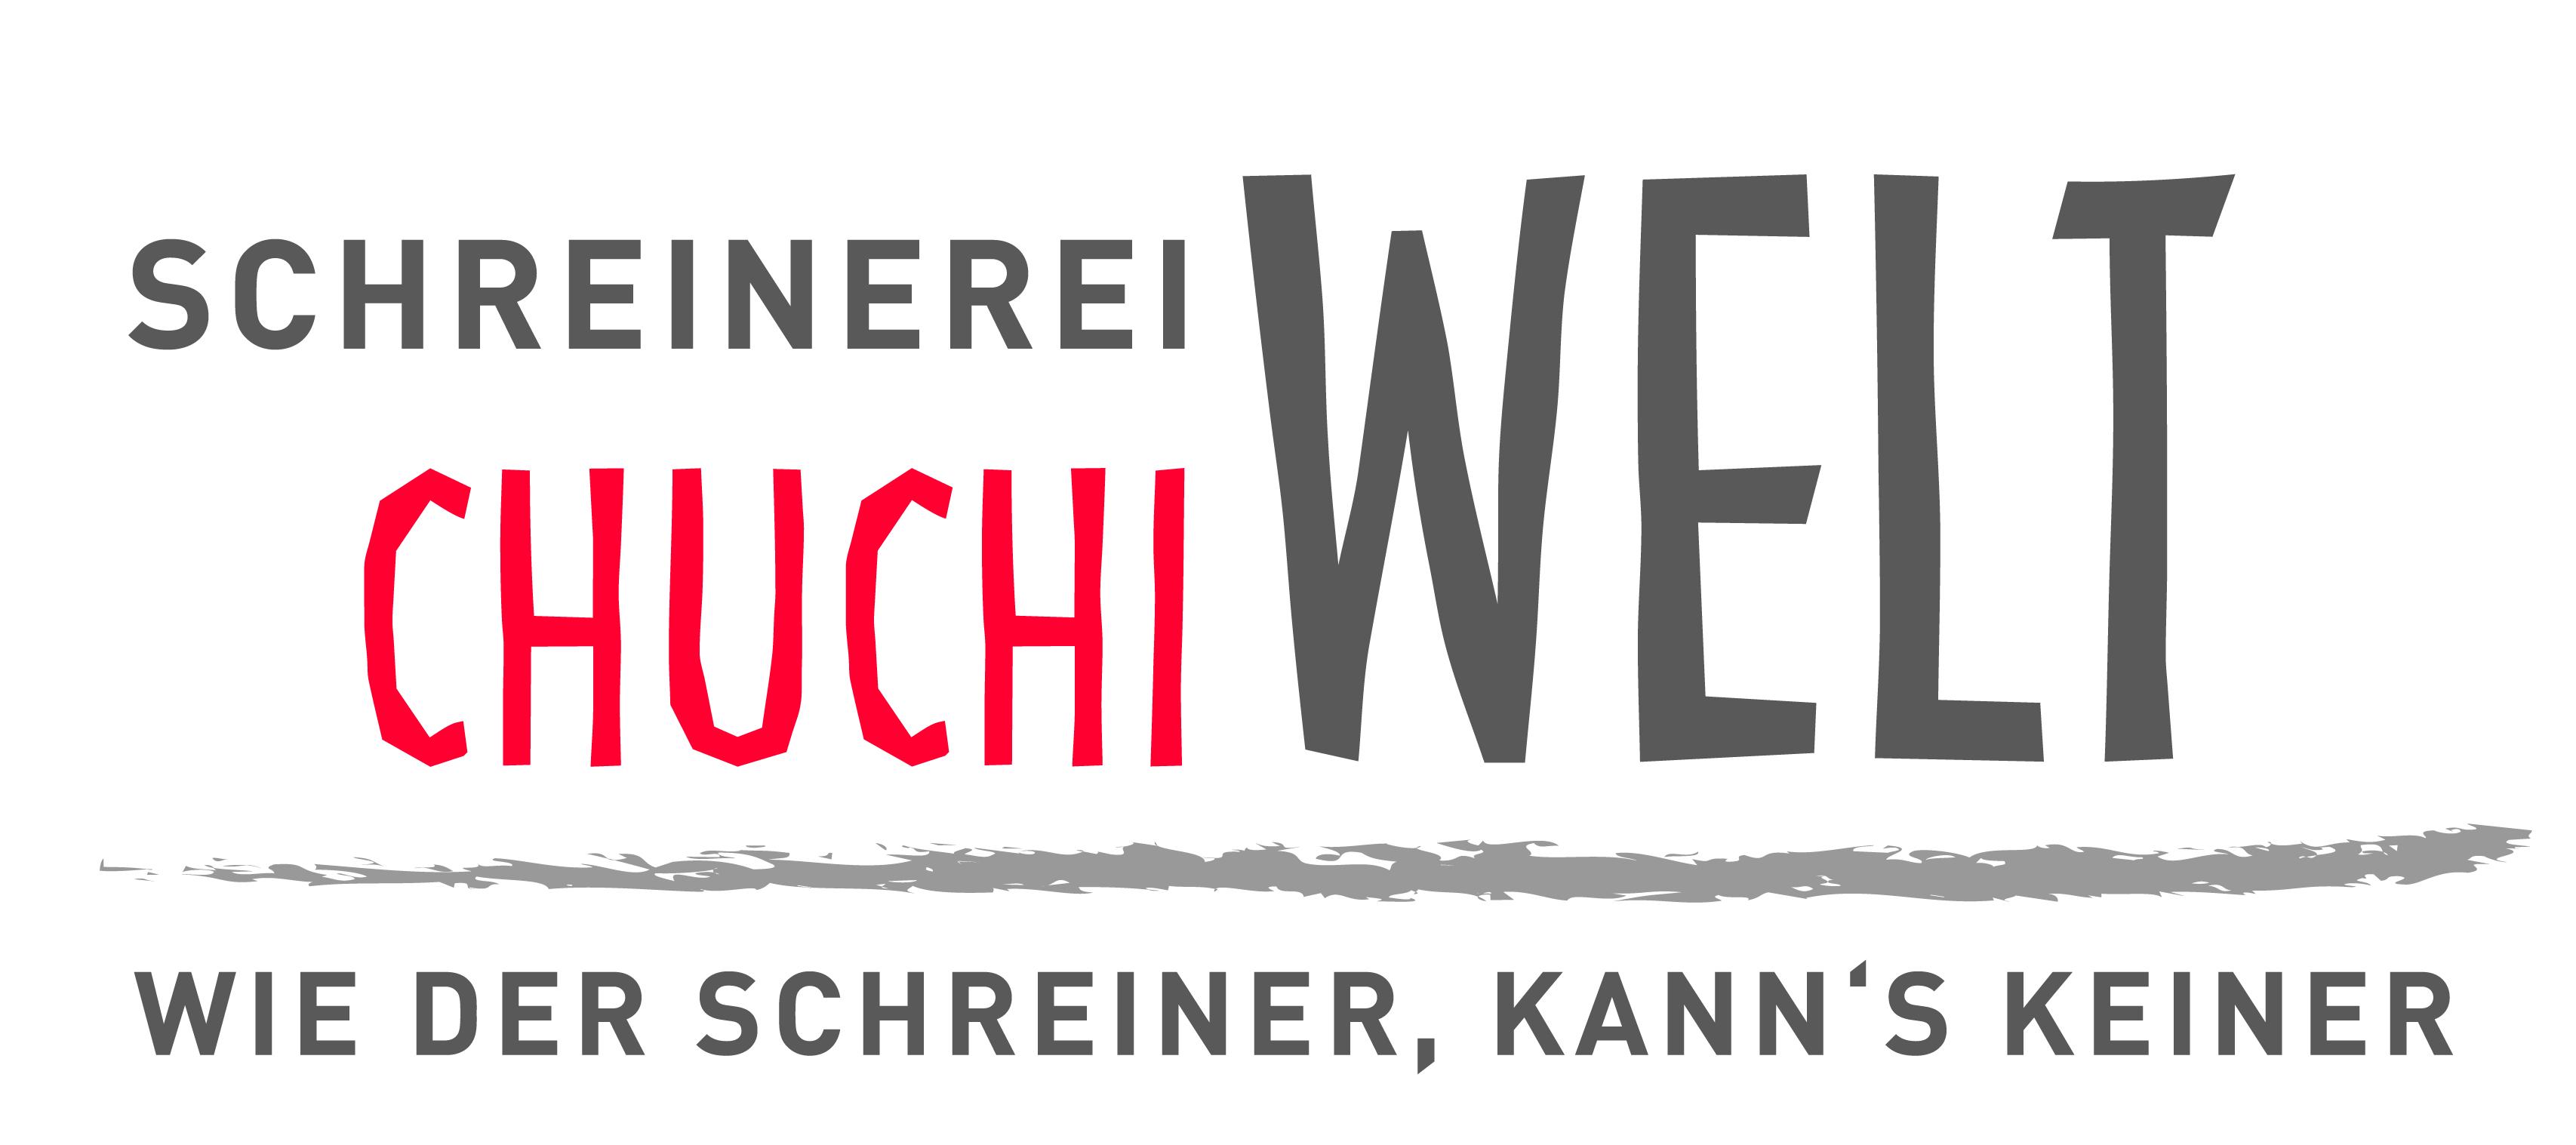 Schreinerei Chuchi-Welt GmbH